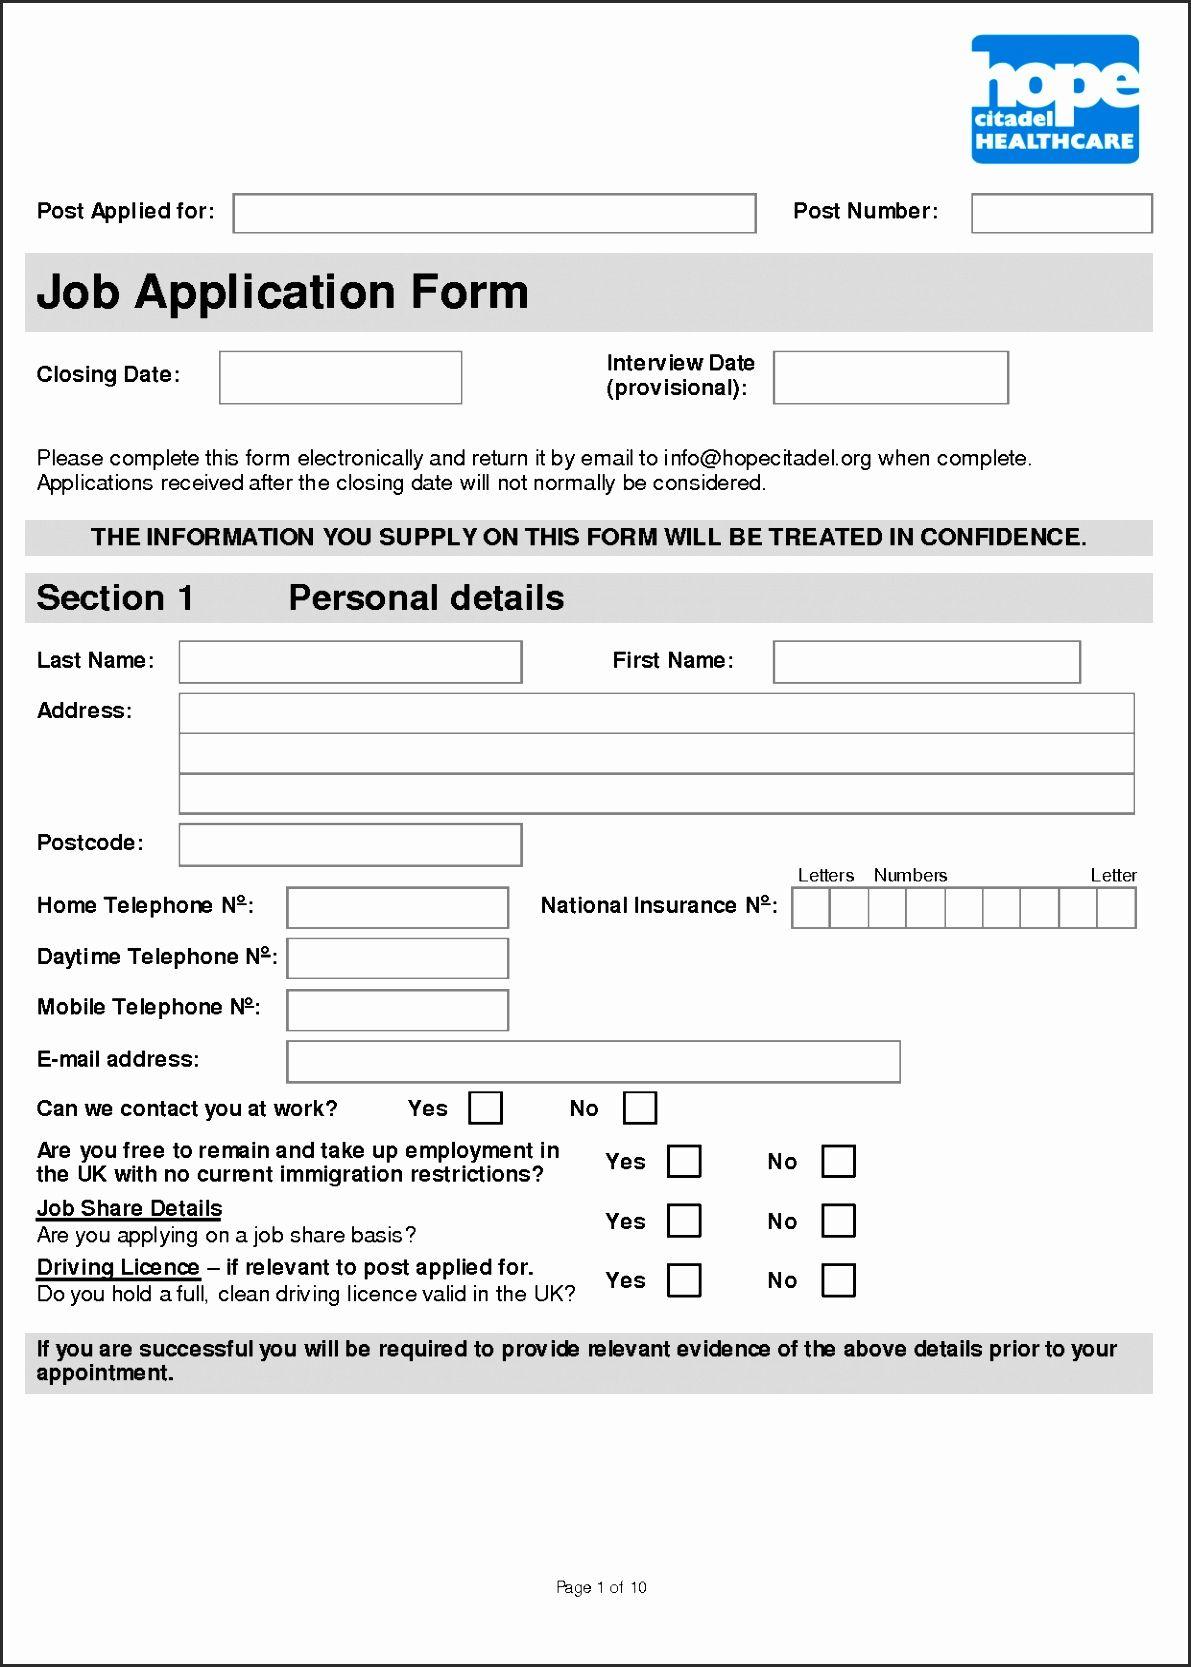 Application Form Template Bbkhs Unique 100 Employment Application Form Template Bio Job Application Form Job Application Application Form [ 1667 x 1191 Pixel ]